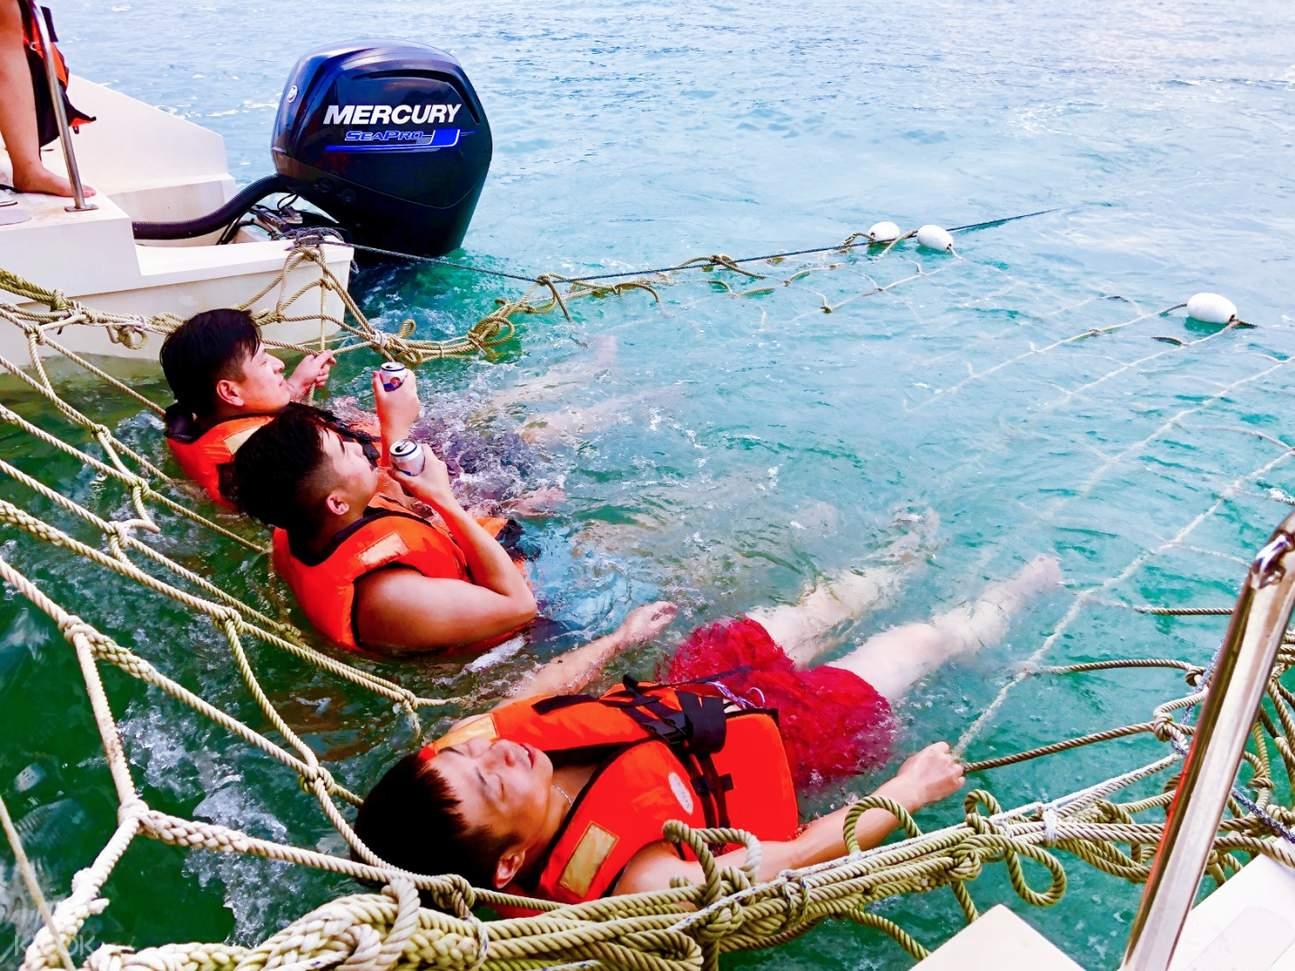 langkawi cruise jacuzzi net